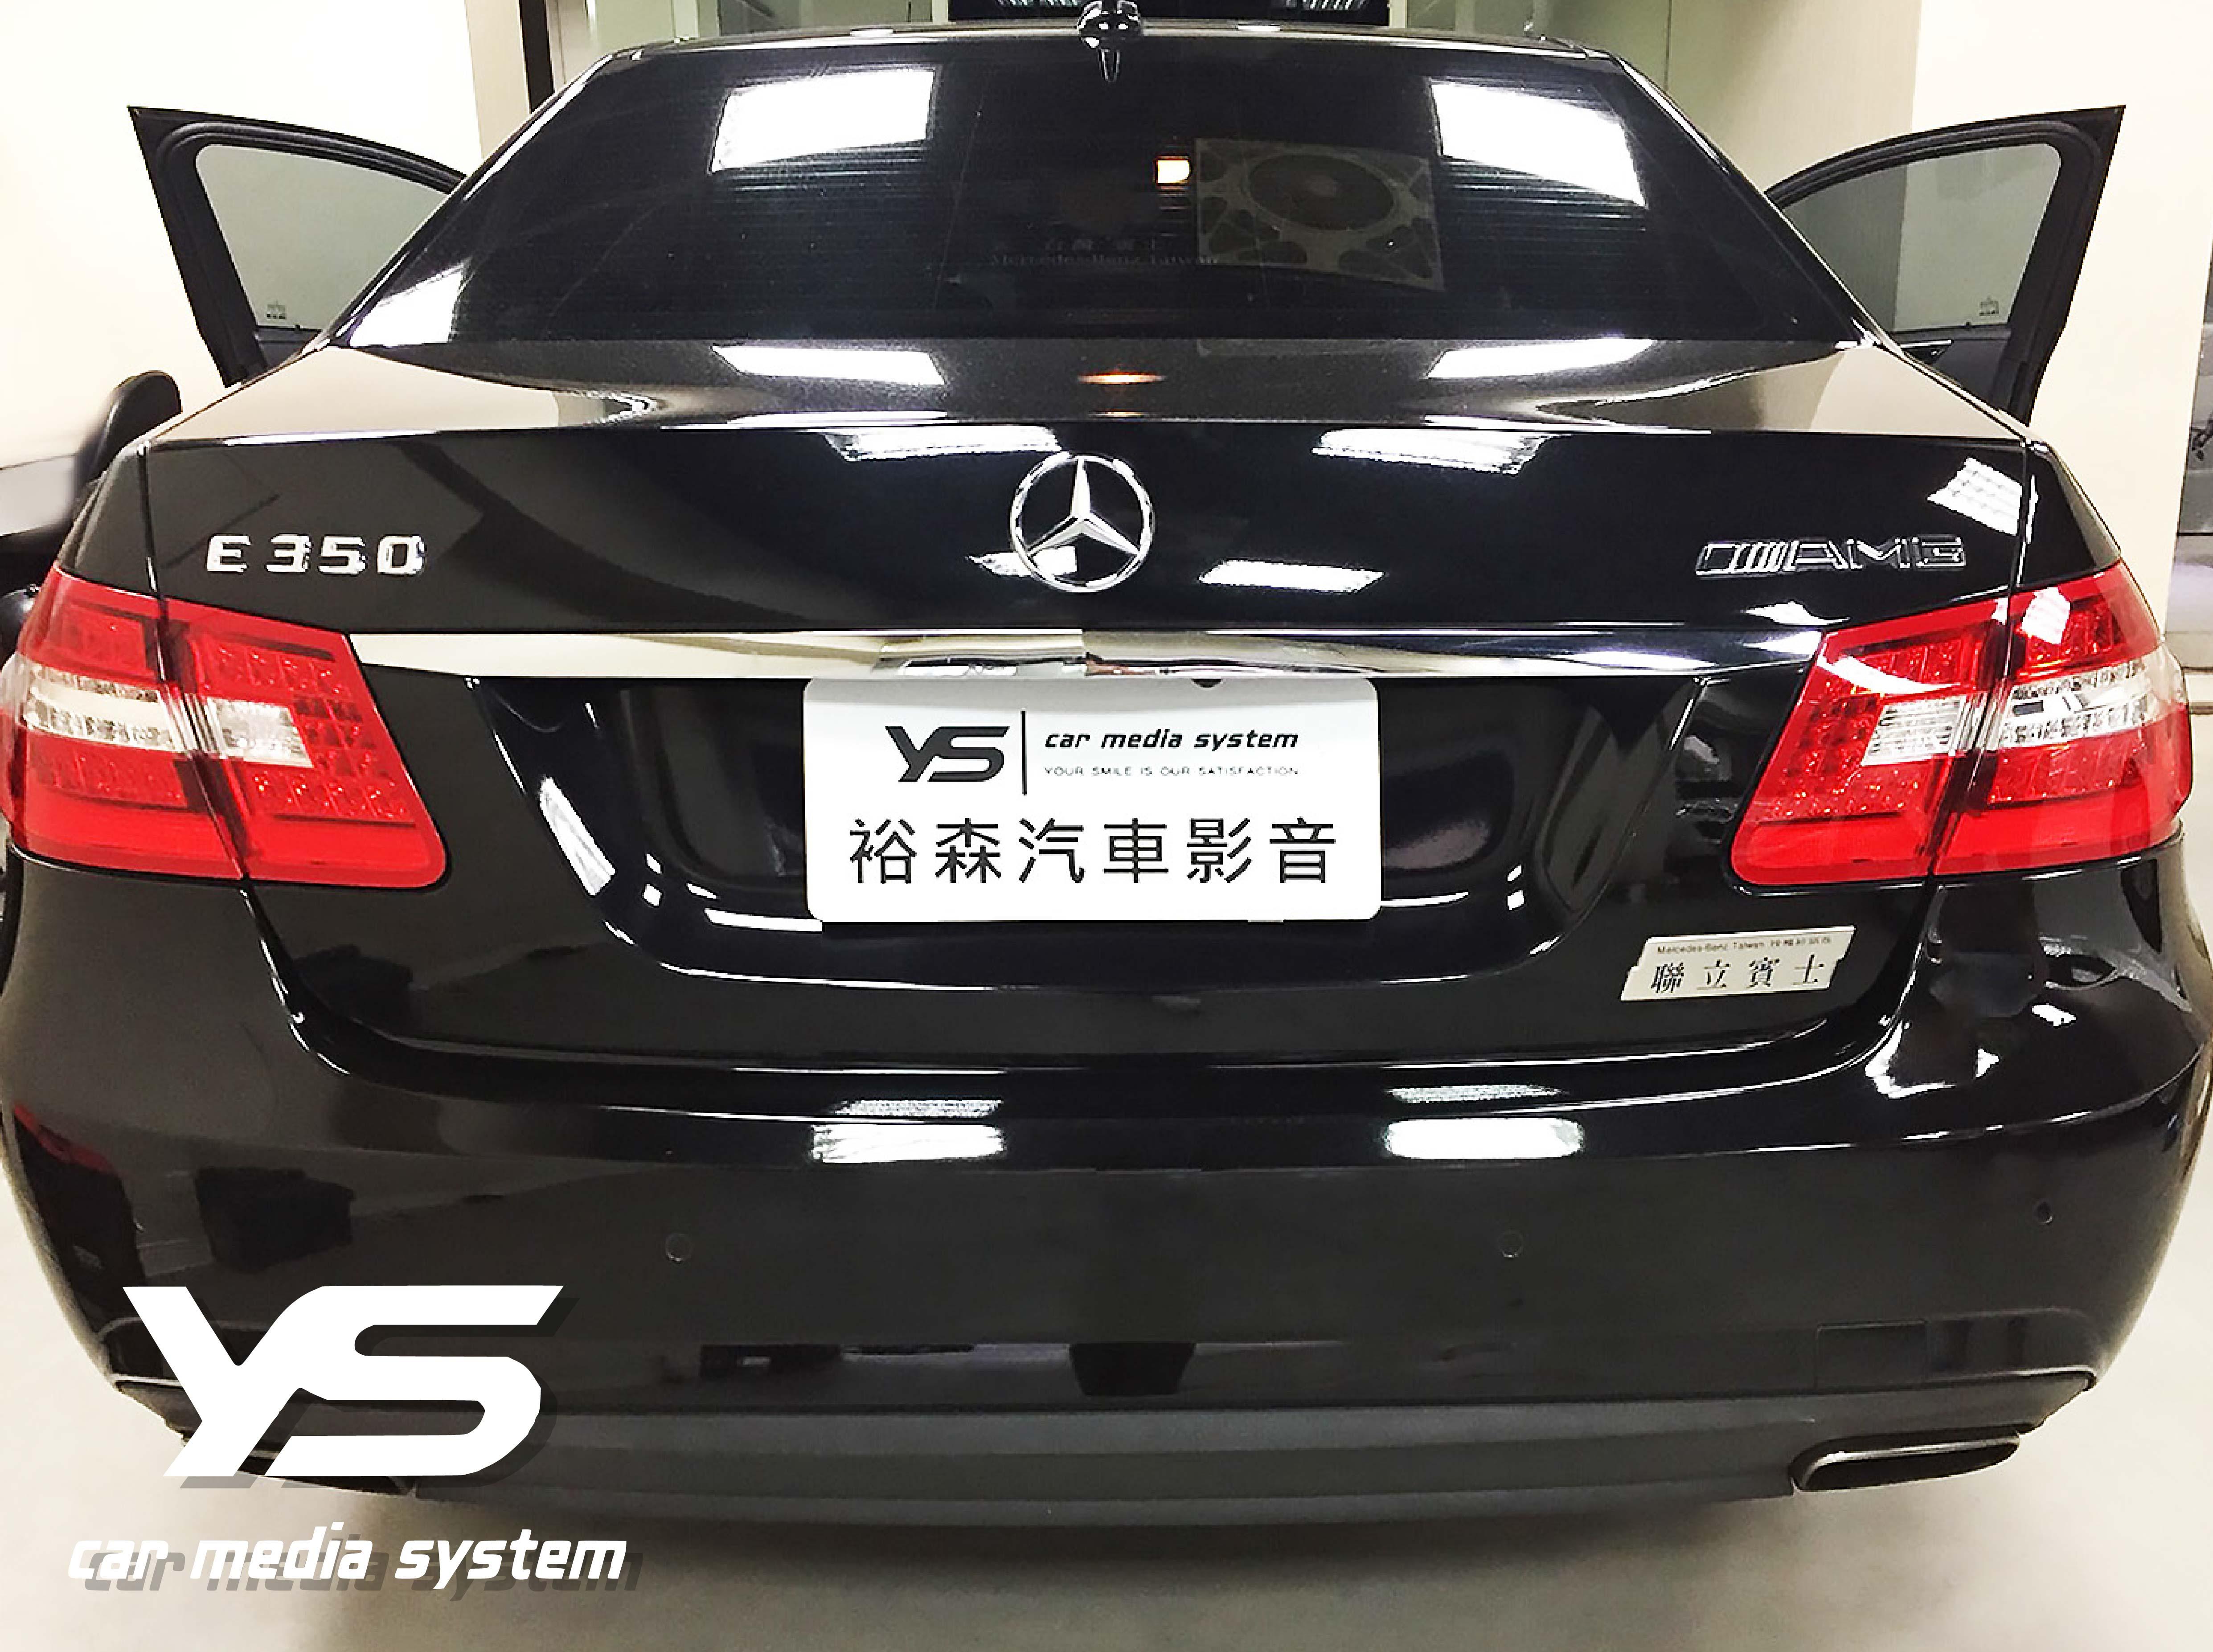 2014年 (W212) E350